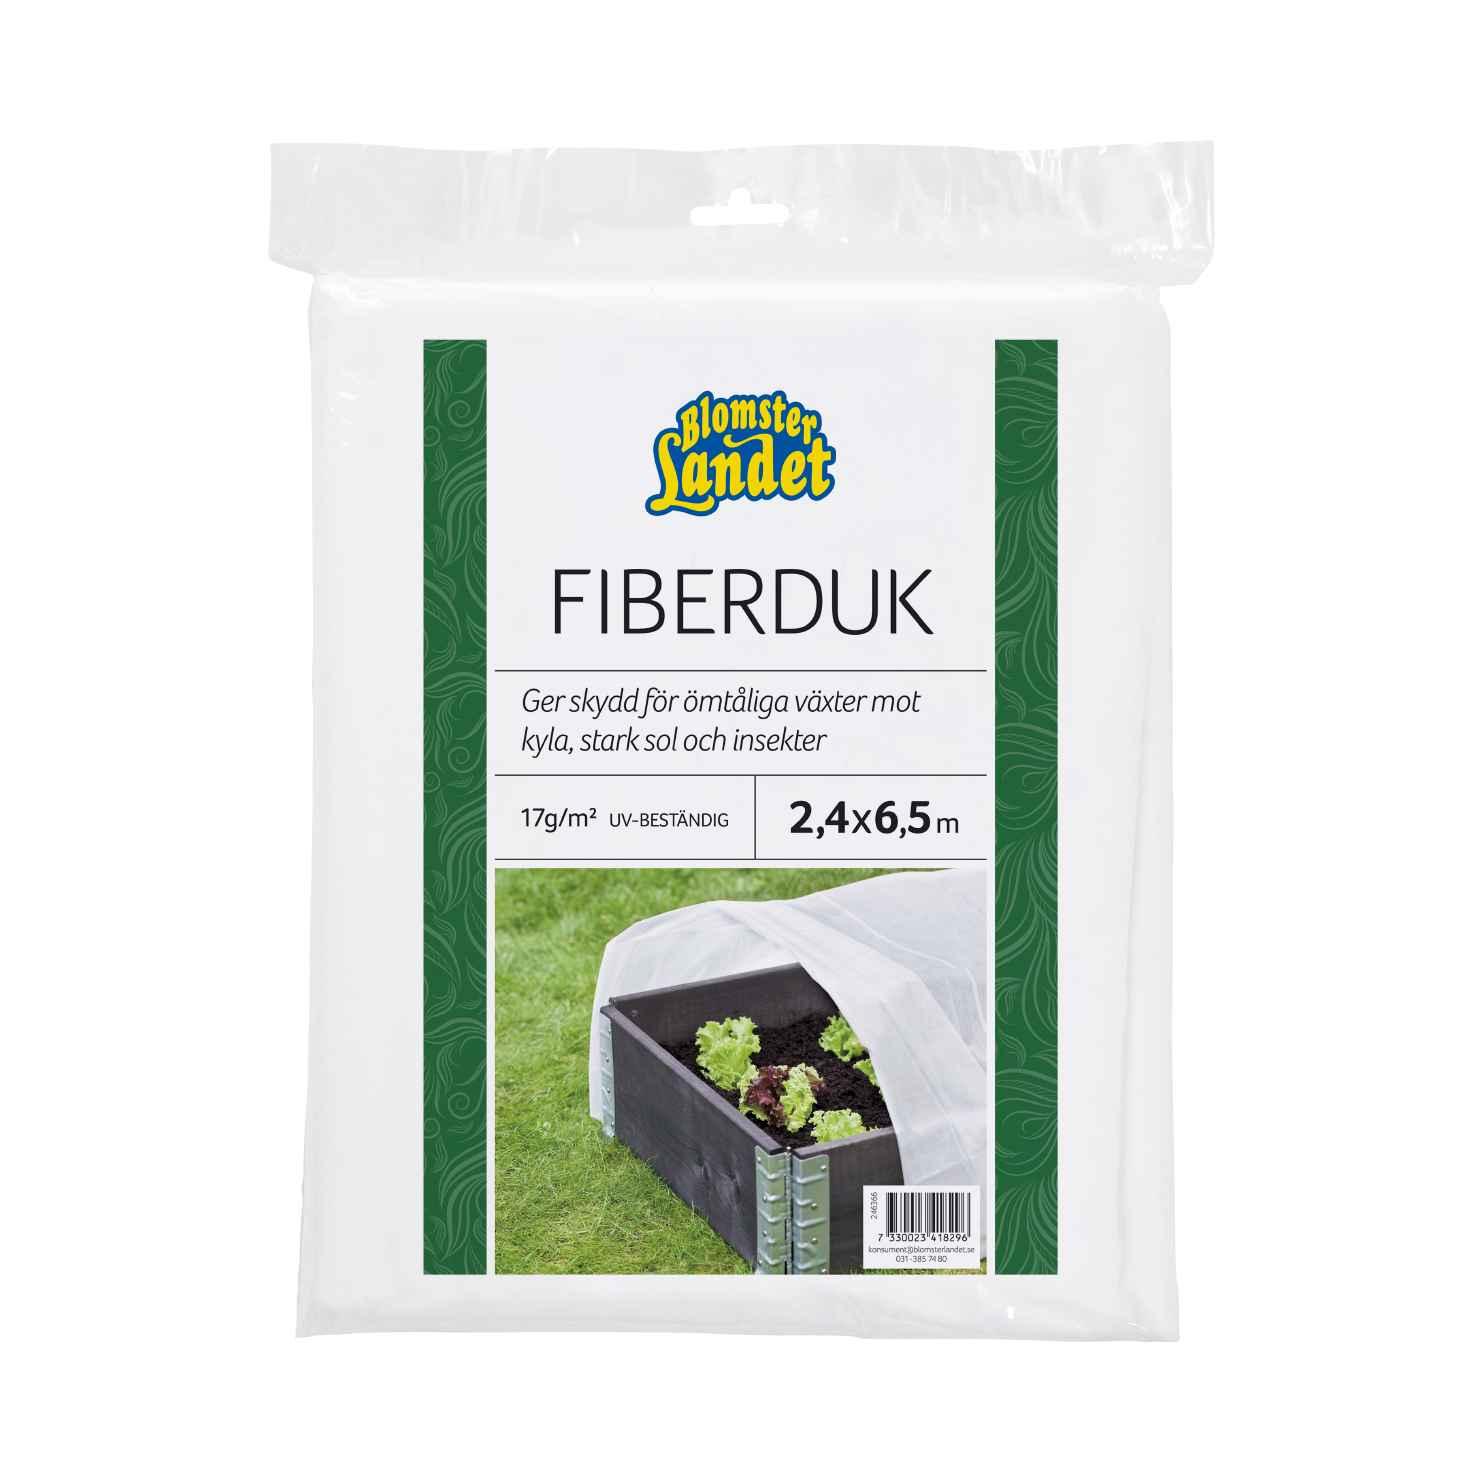 Produktbild 2 på Fiberduk  Blomsterlandet